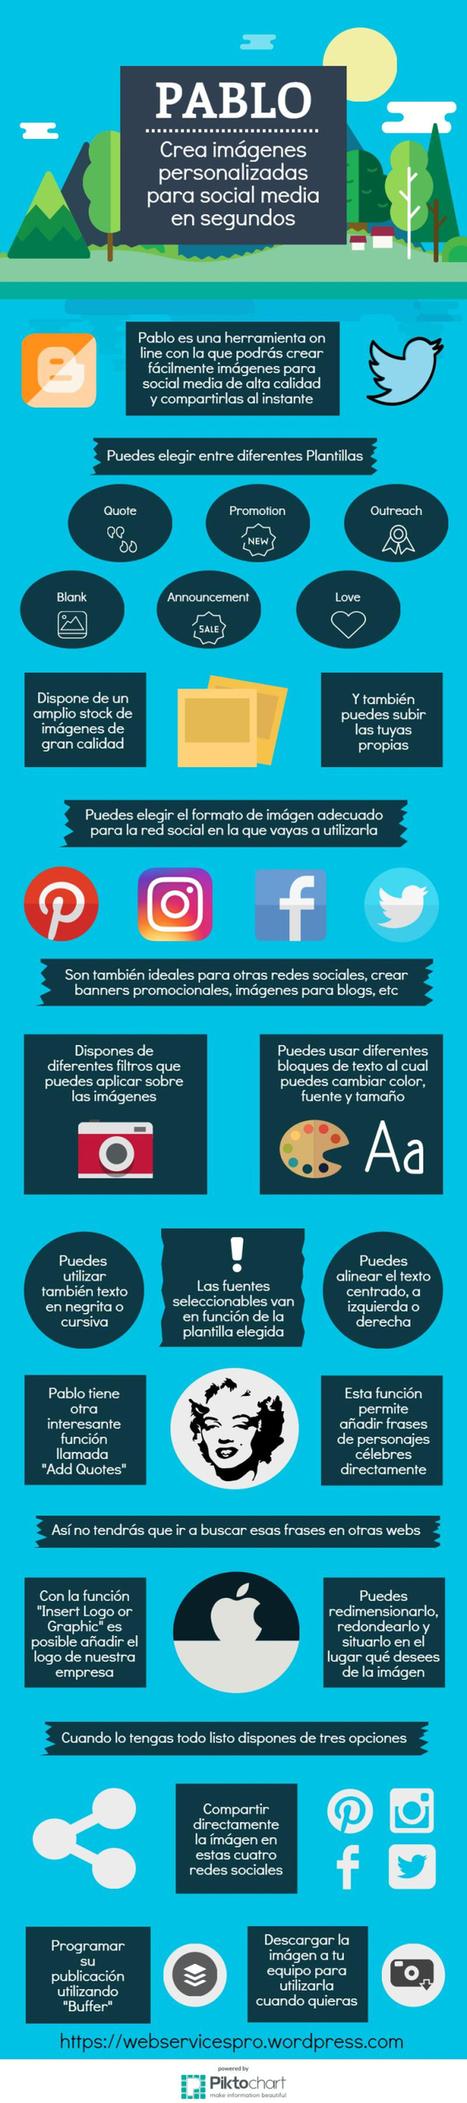 Pablo | Herramienta para crear contenidos visuales para tus redes sociales | ED|IT| | Scoop.it